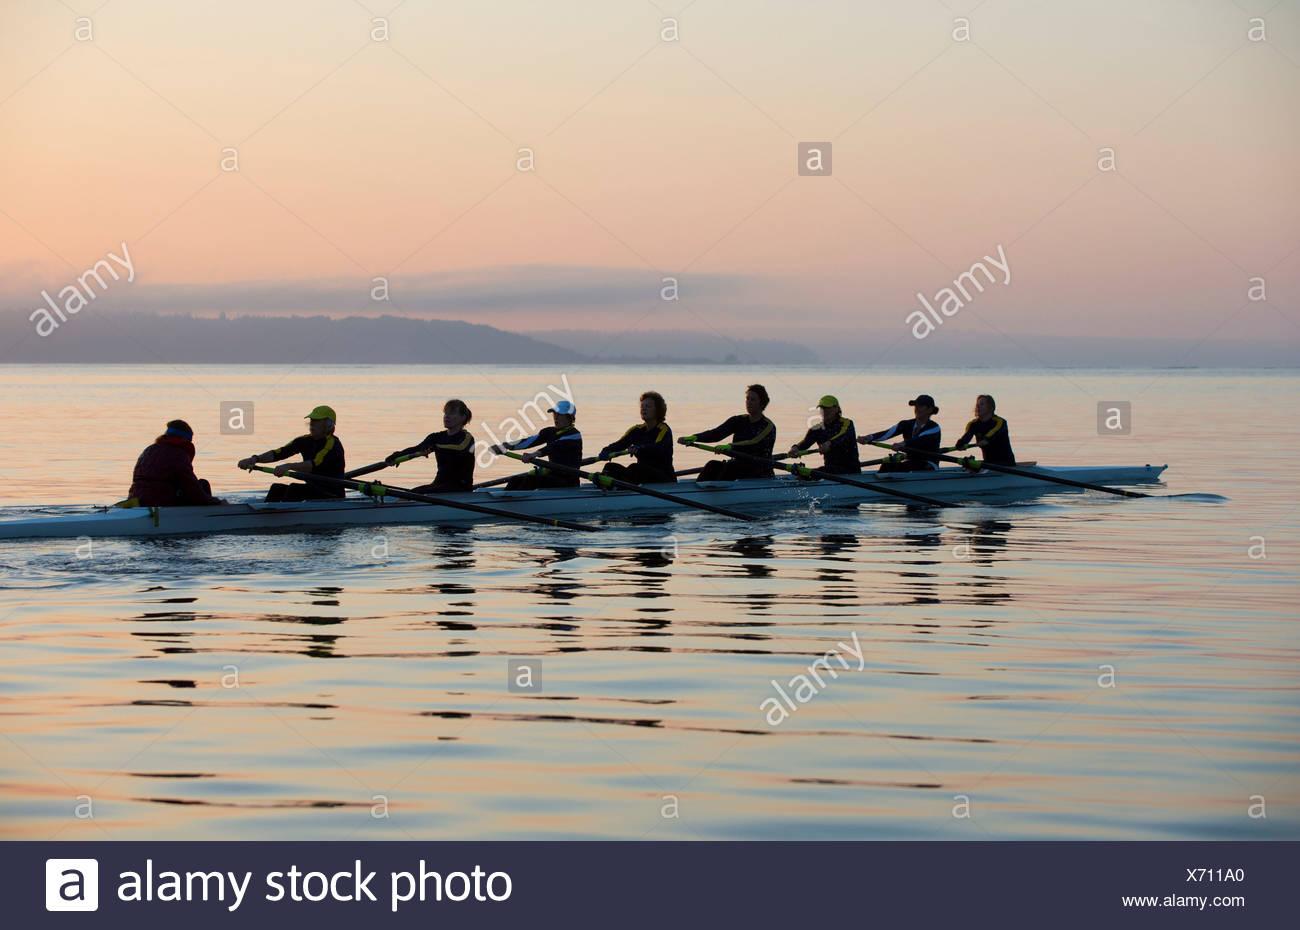 Nine people rowing - Stock Image